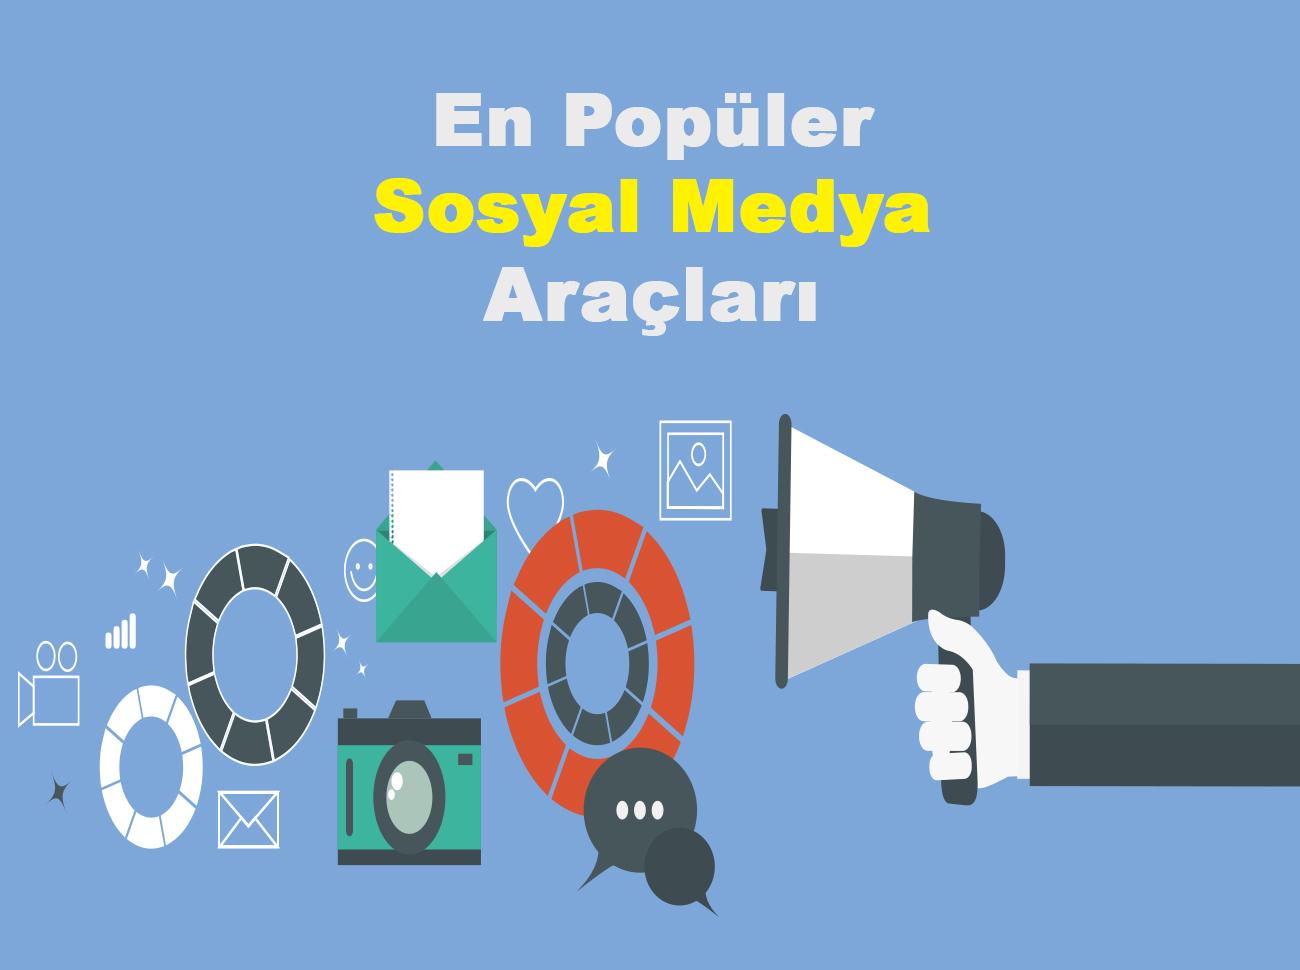 En Popüler 10 Sosyal Medya Yönetim Aracı